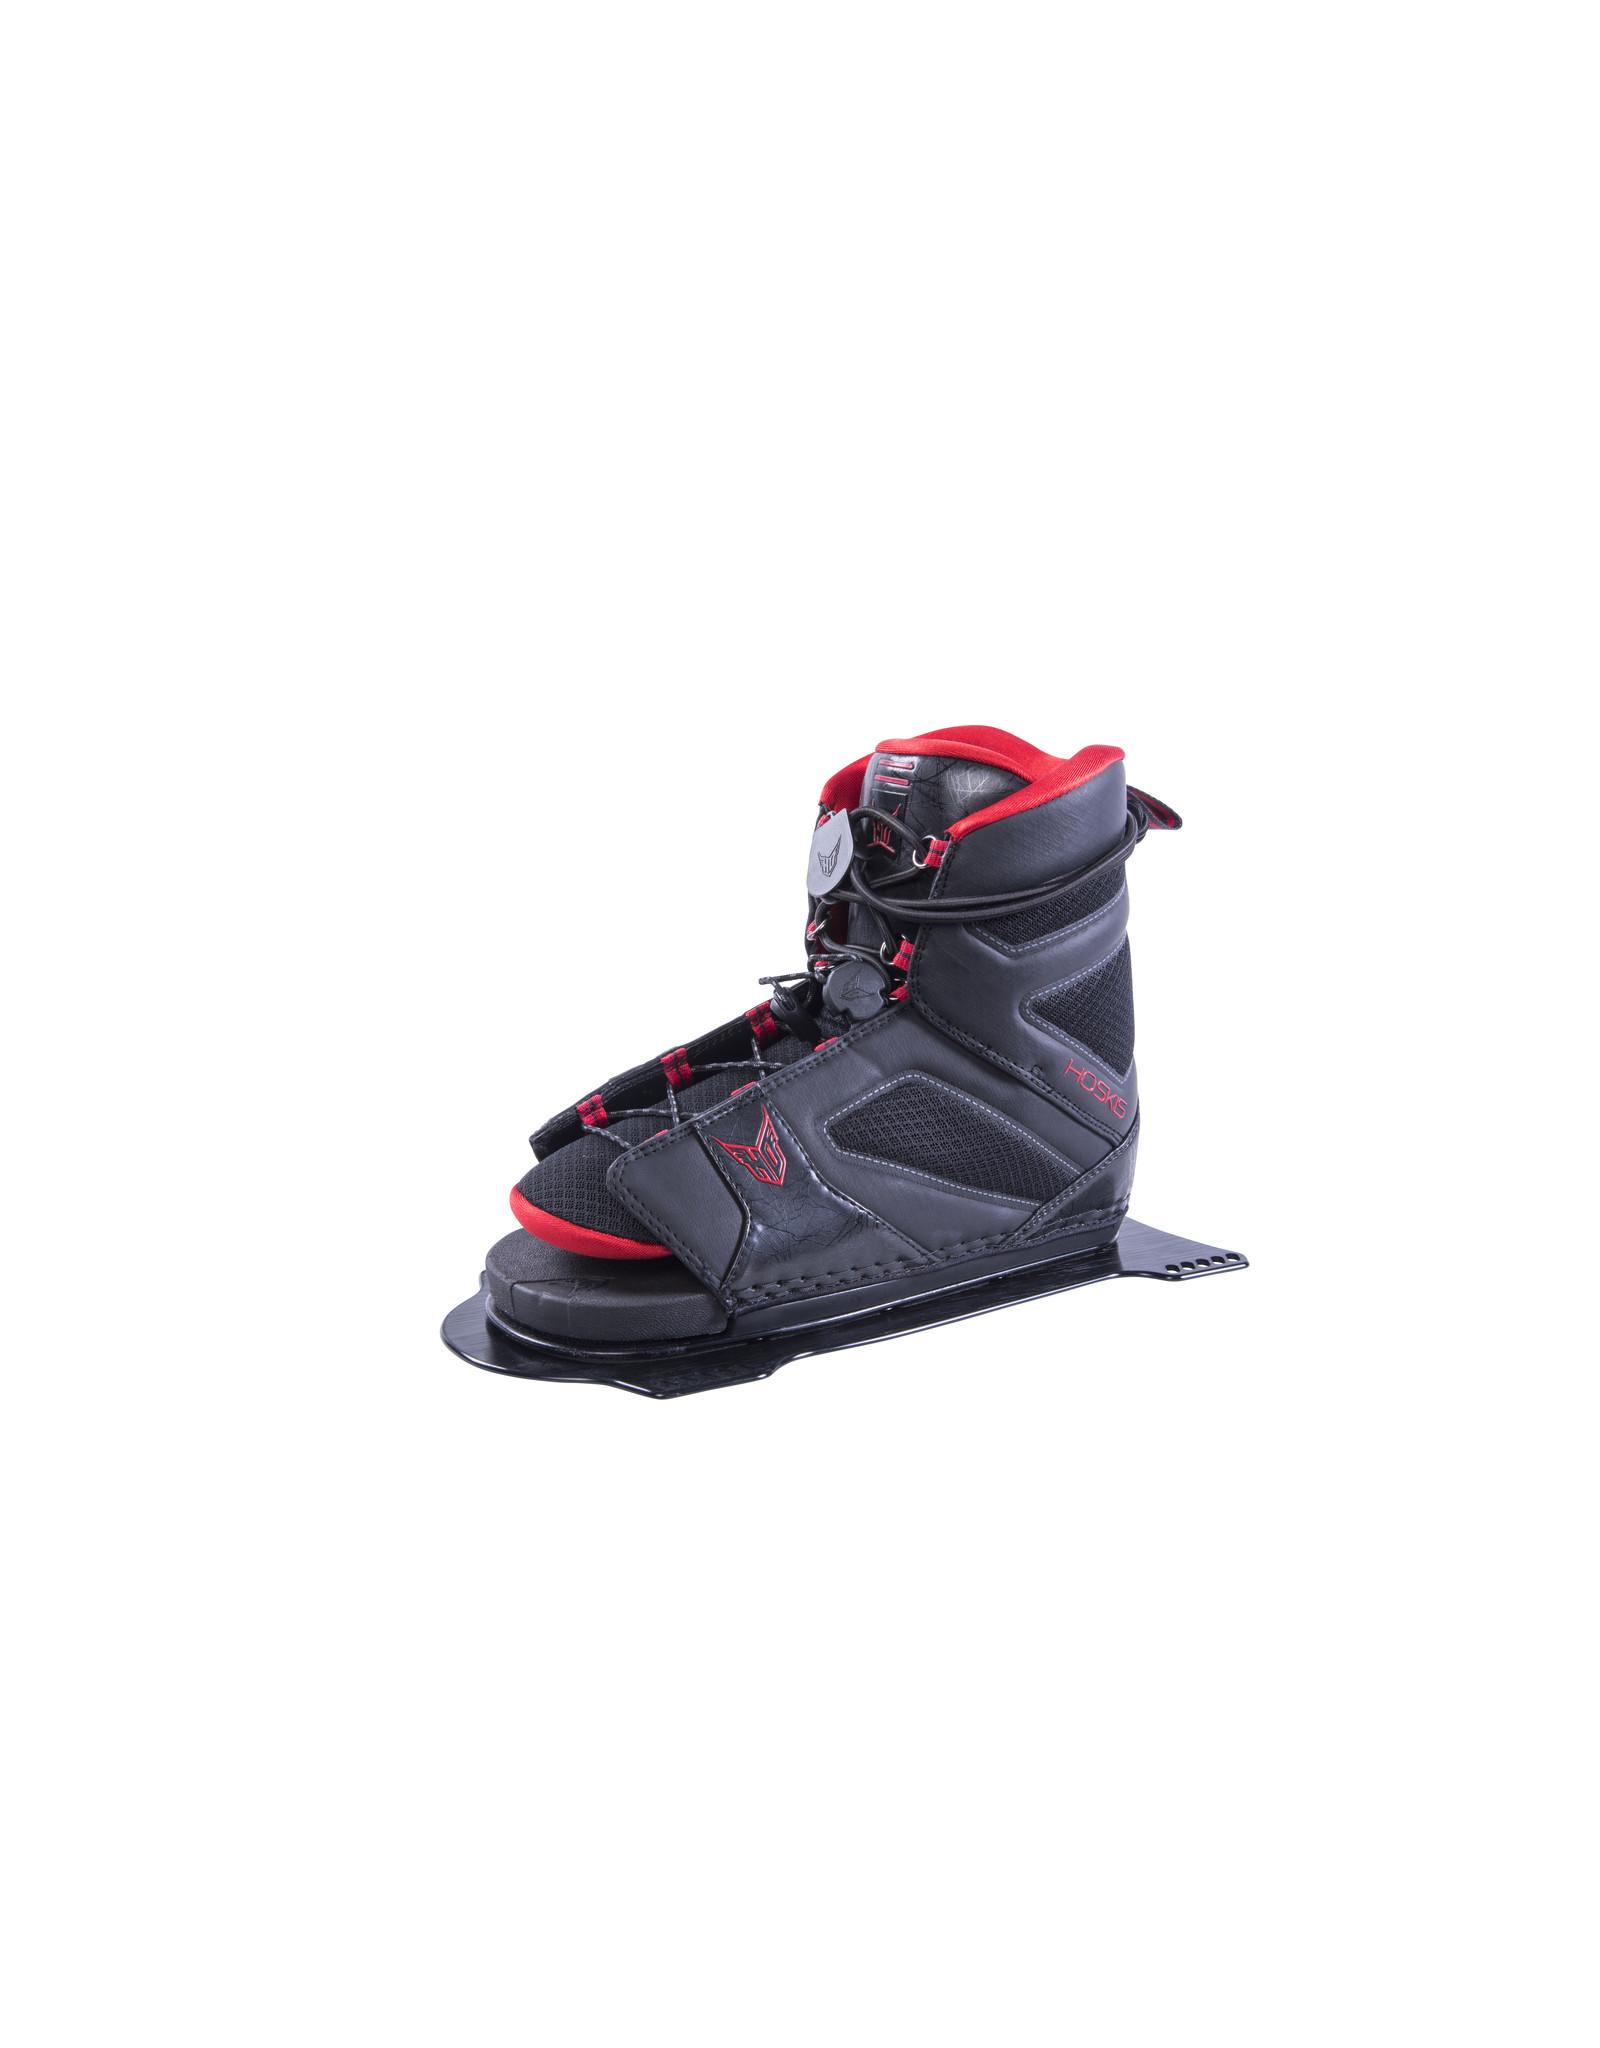 HO/Hyperlite FreeMAX Slalom Ski Boot 2018